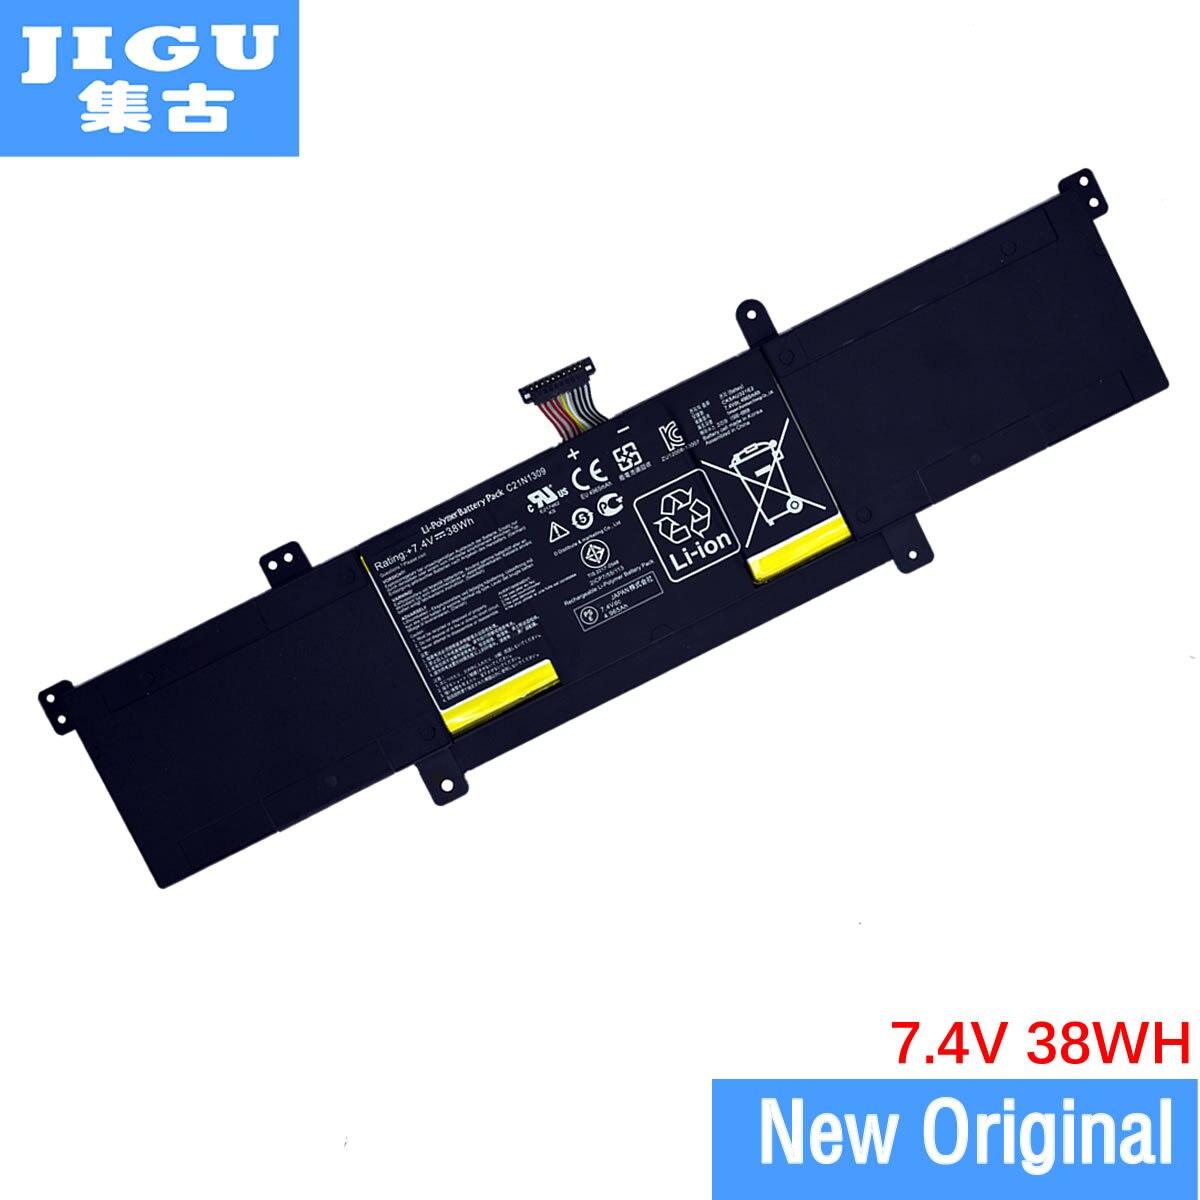 JIGU 0B200 00580100M C21N1309 C21PQ2H Original laptop Battery For ASUS Q301L for VivoBook S301LA S301LP